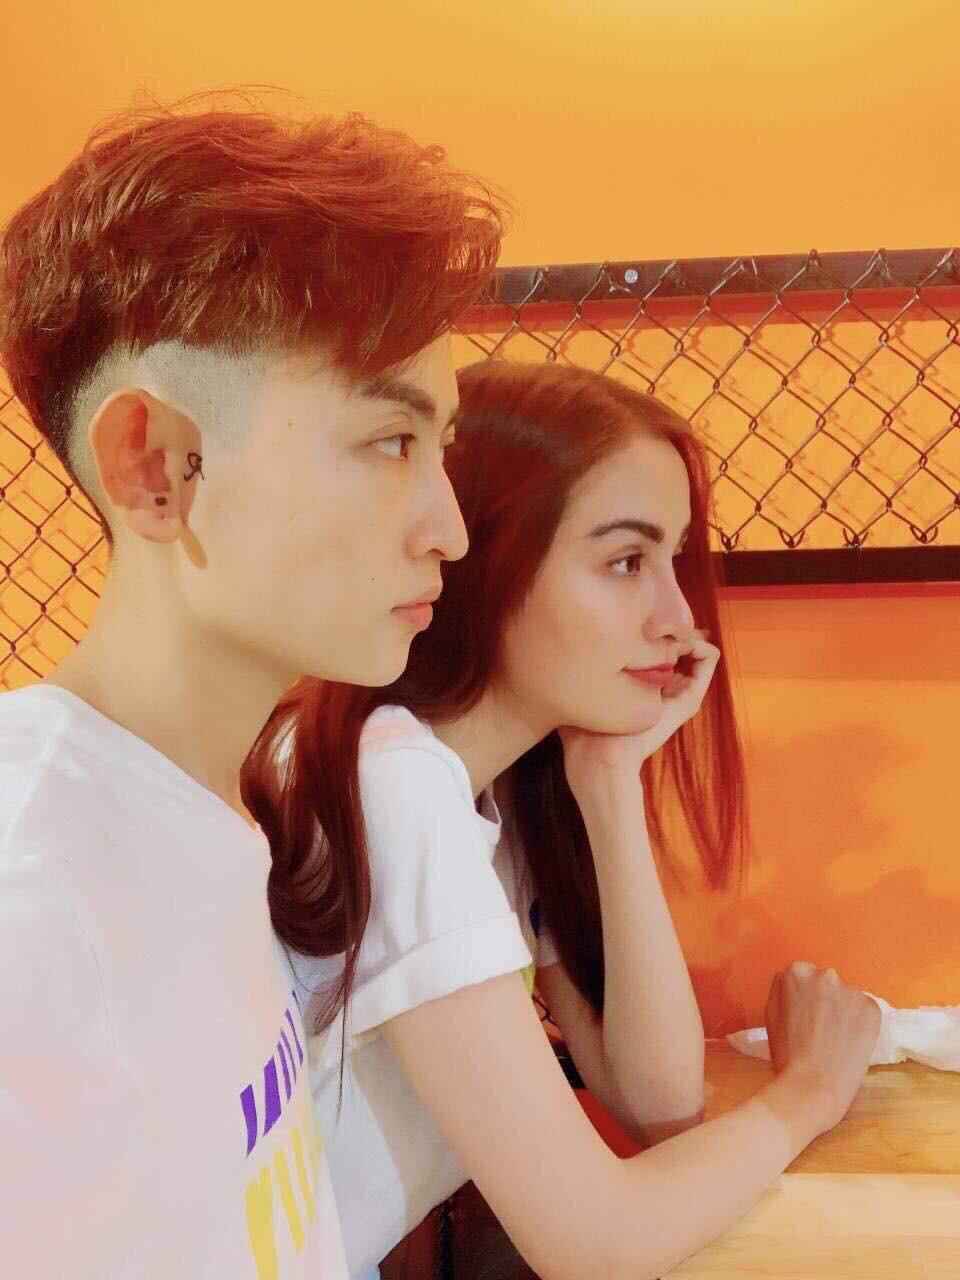 Những hình ảnh được rò rỉ khiến dân mạng đồn đoán Hoa hậu Diễm Hương đang trong một mối quan hệ tình cảm đồng tính nữ.-6